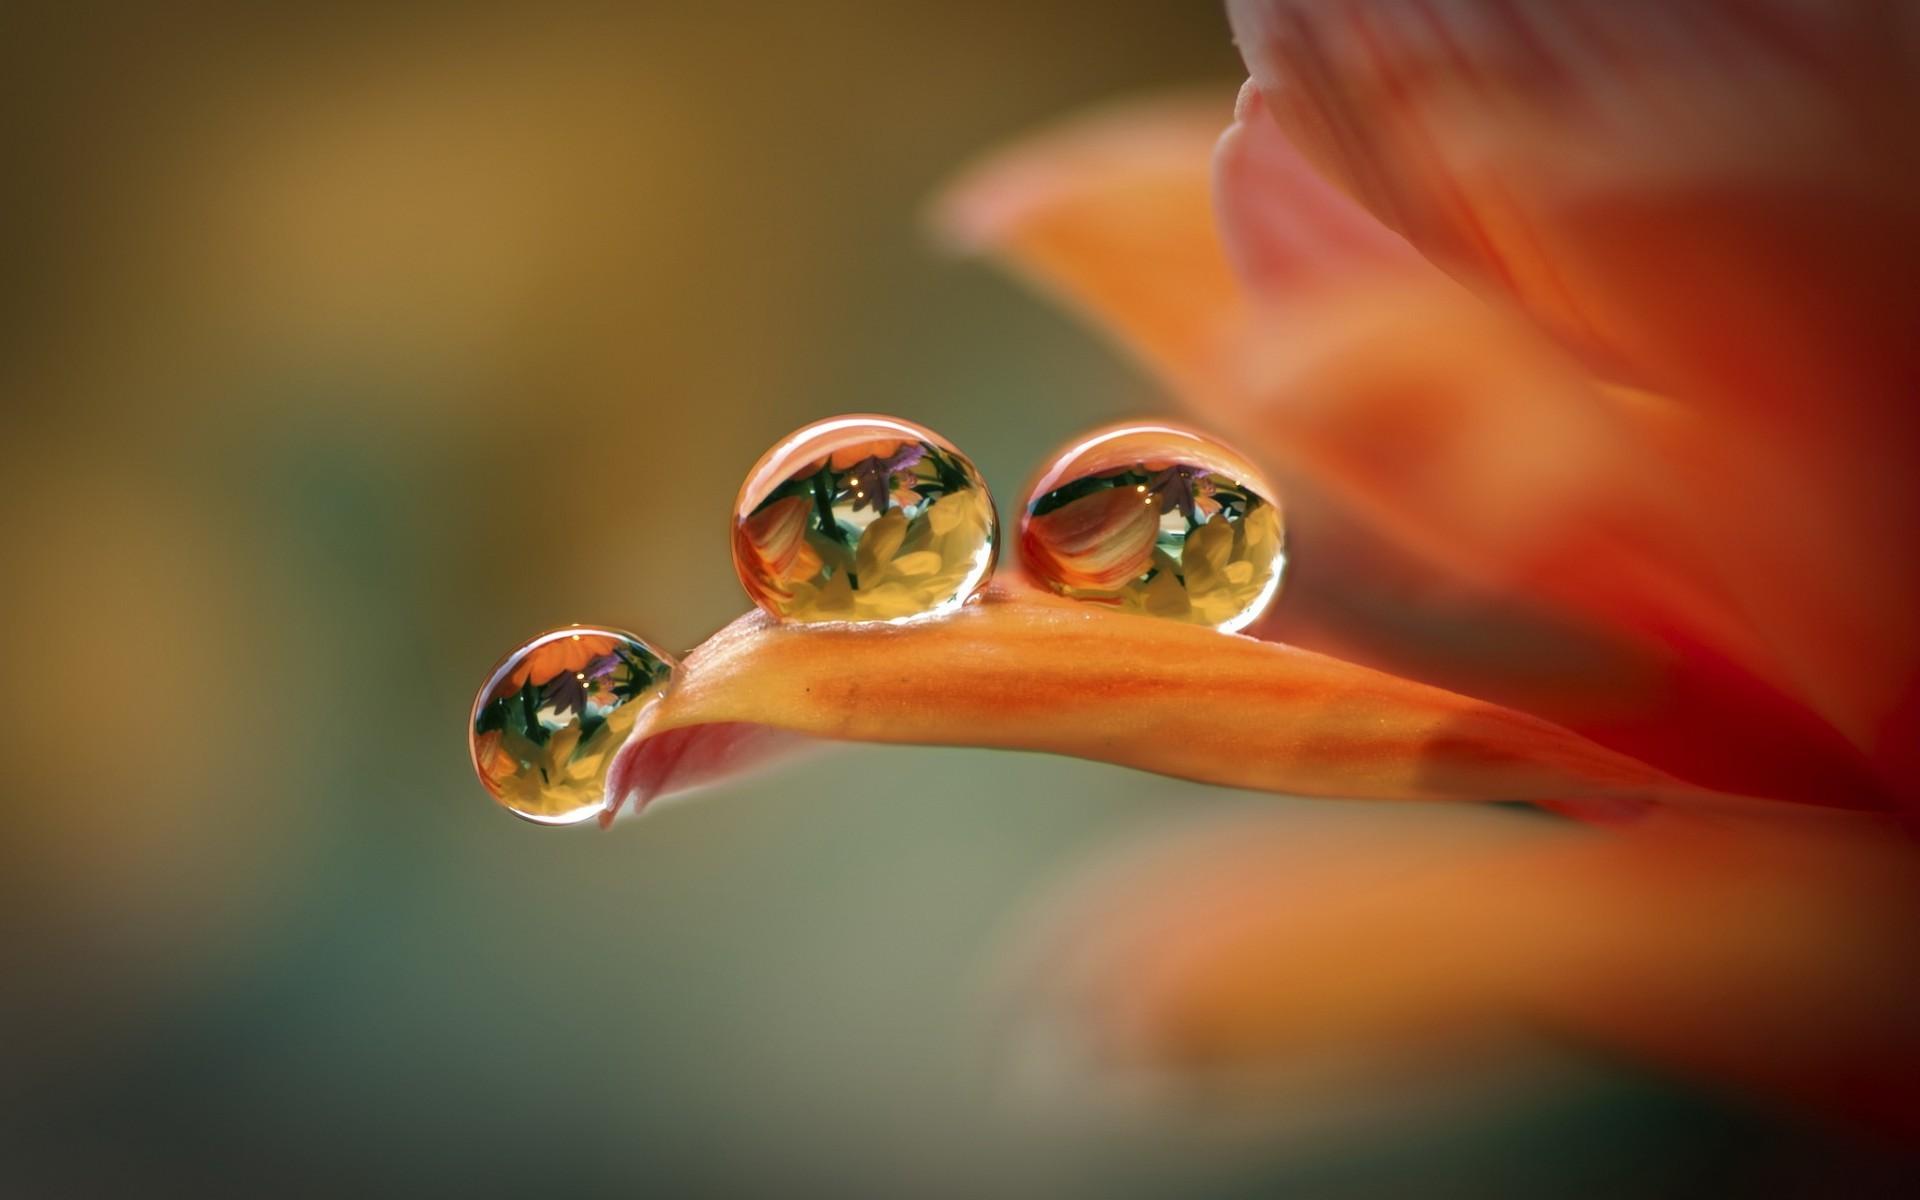 hình nền giọt nước full hd